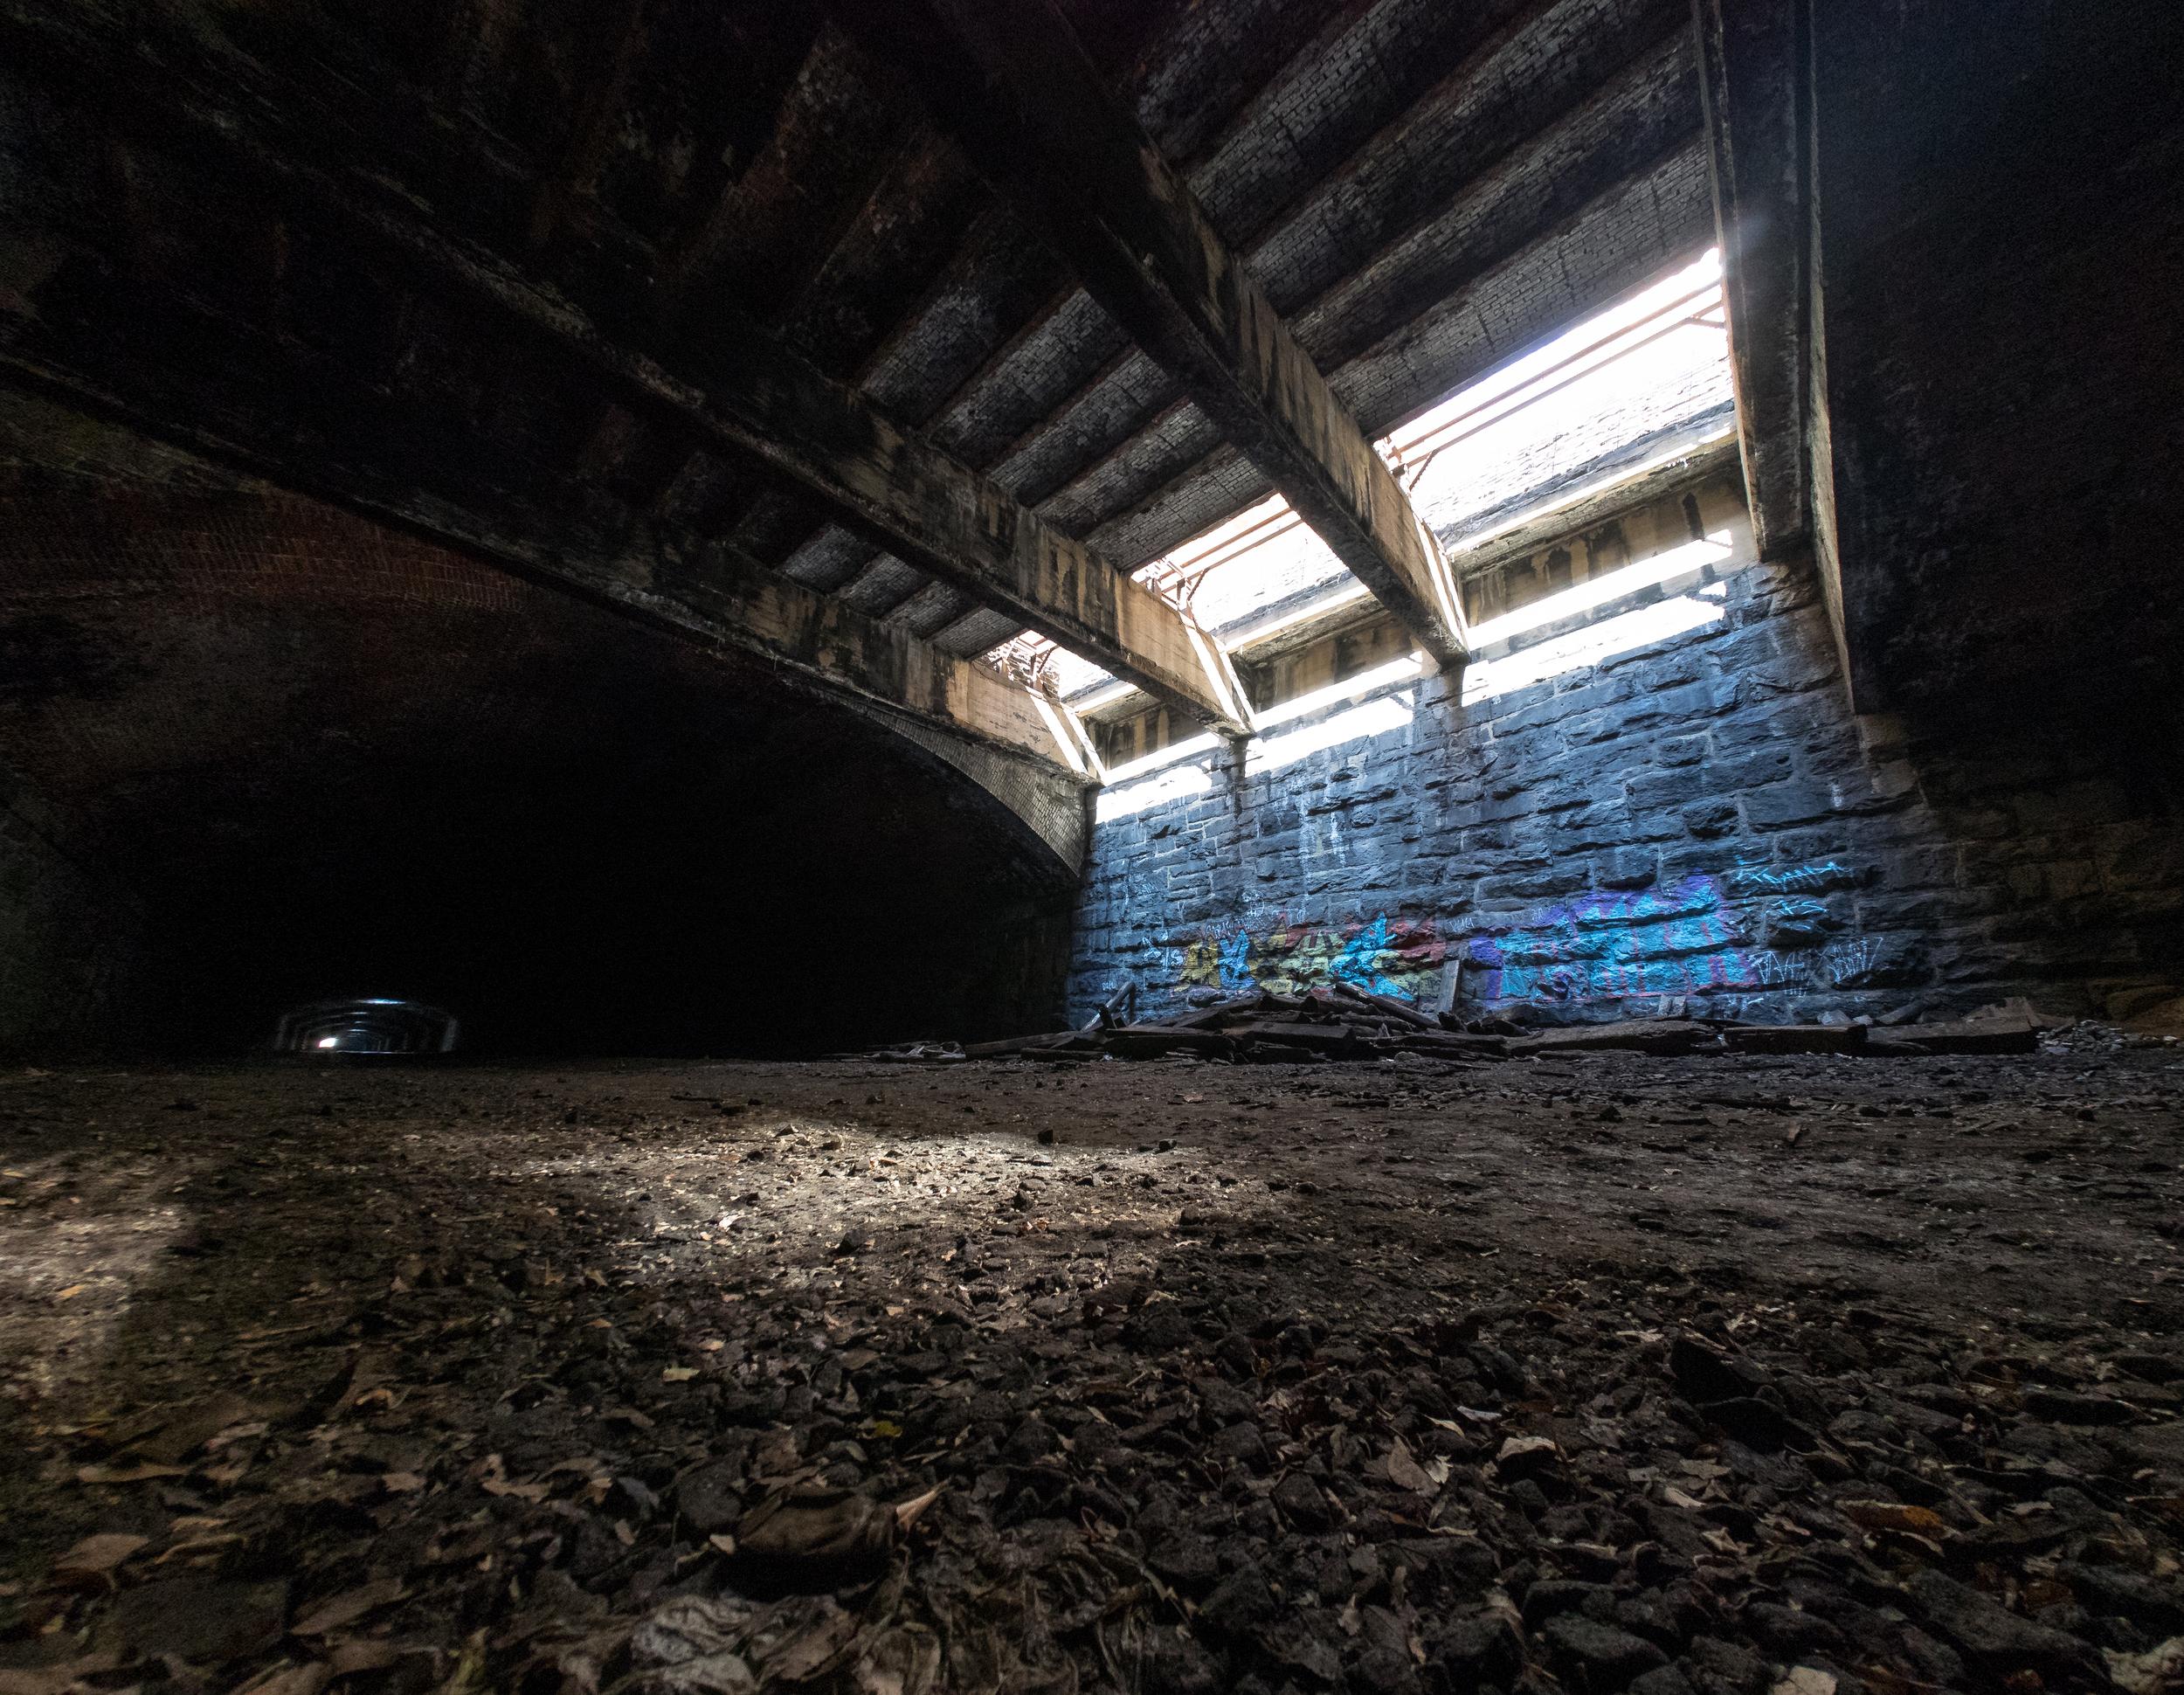 Graffiti and light